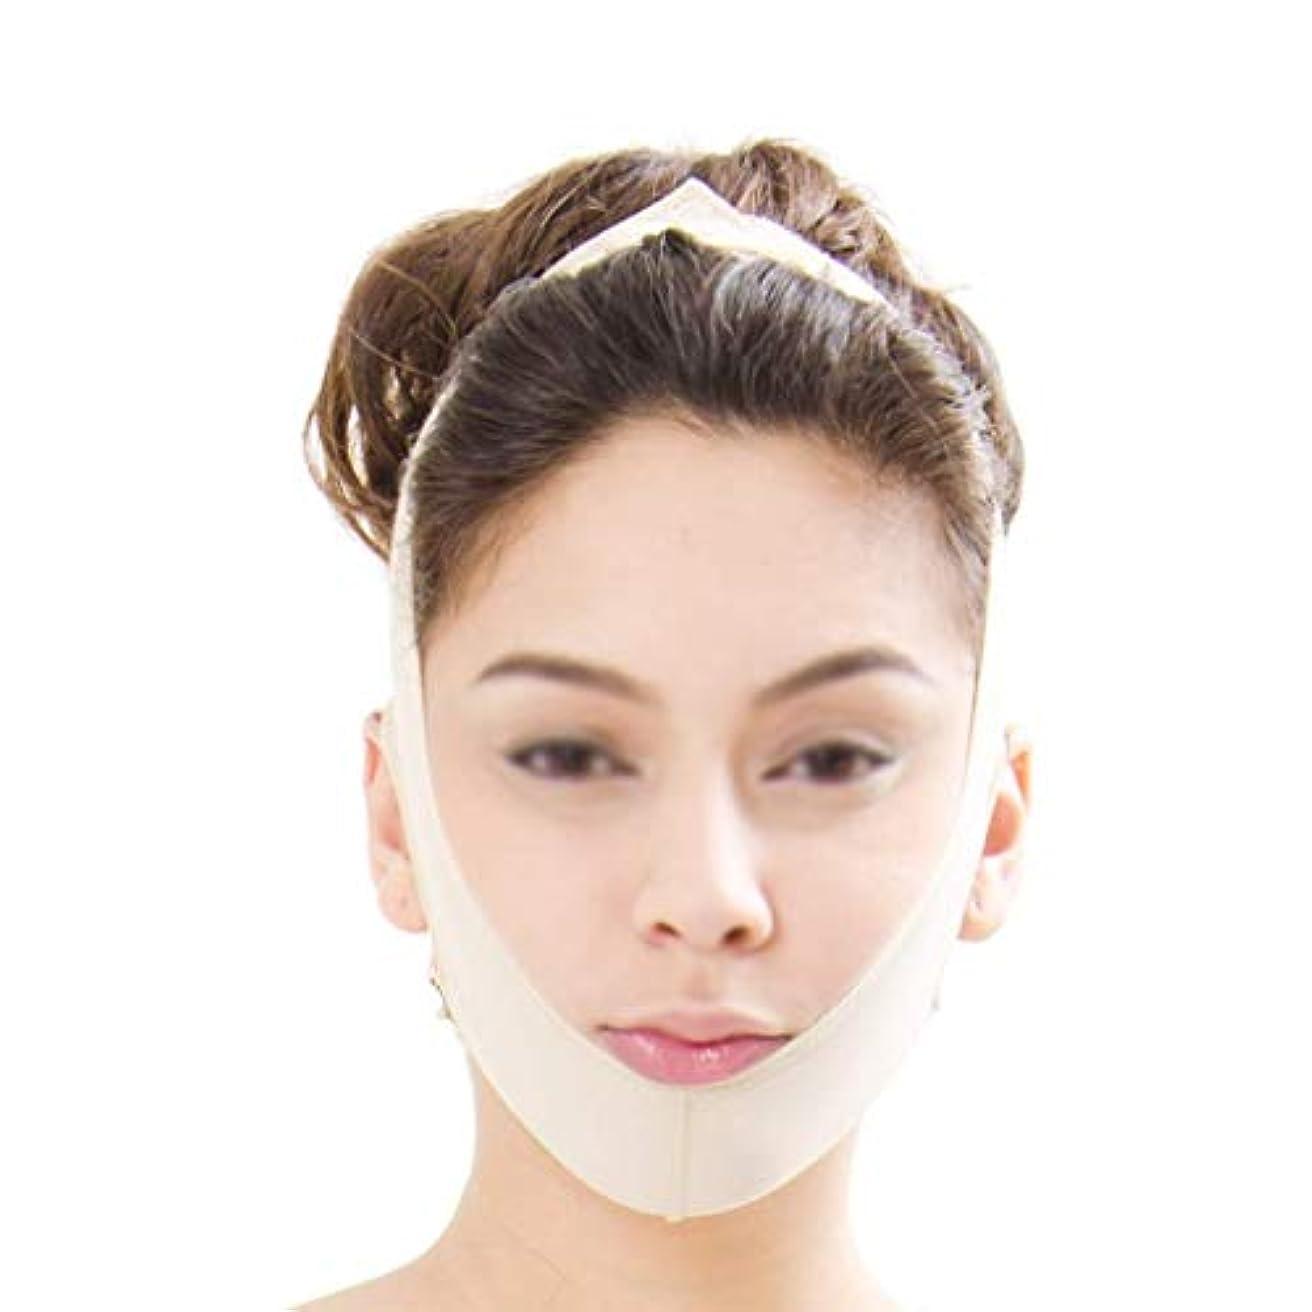 有益な夕暮れ音節フェイススリミングバンデージ、フェイスリフティングマスク、フェイスリフティングバンデージ、フェイシャル減量マスク、ダブルチンケア減量(サイズ:M),XL